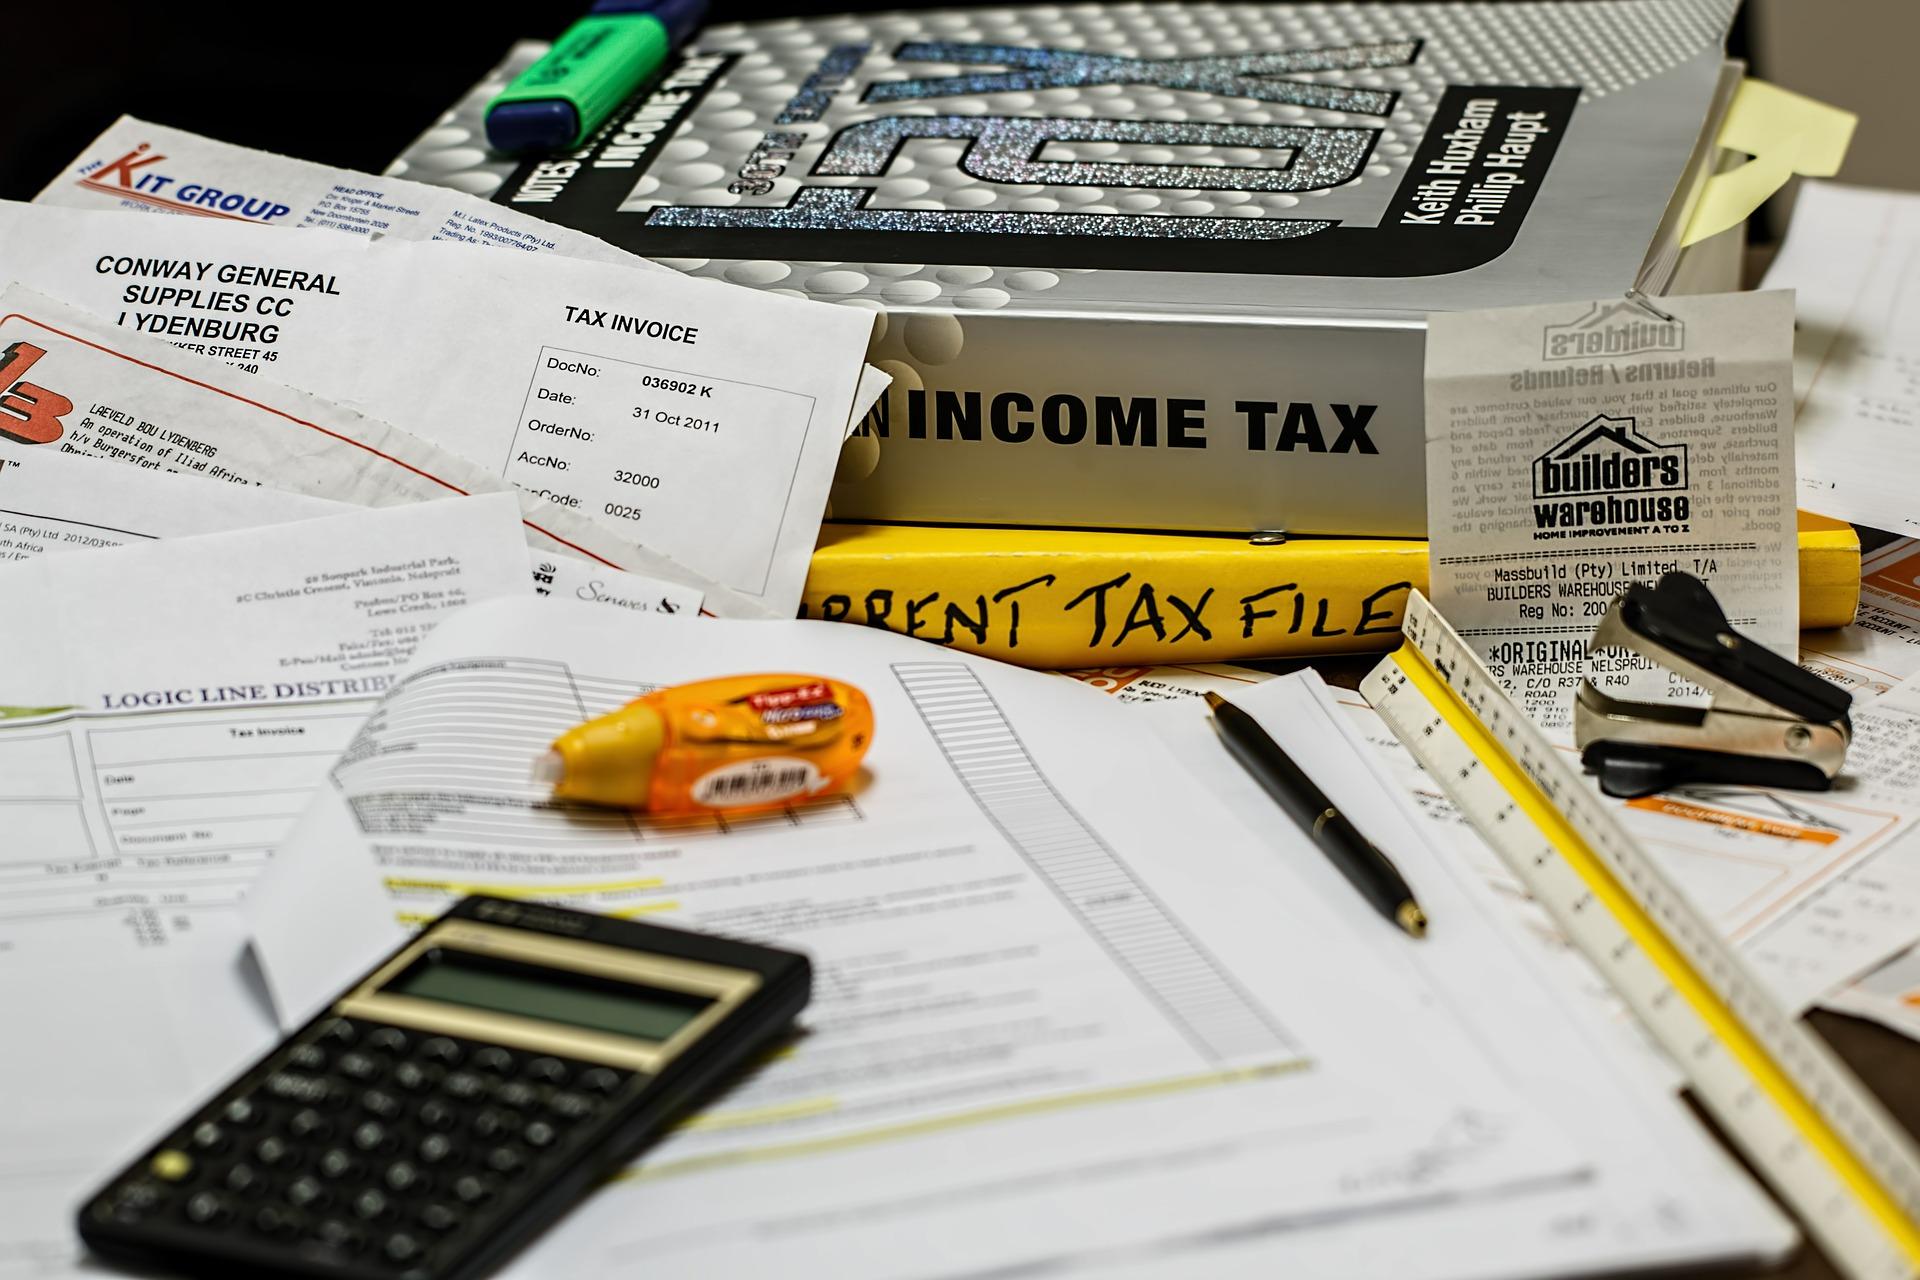 Stopp der Zettelwirtschaft – Buchhaltung mit Papierkram